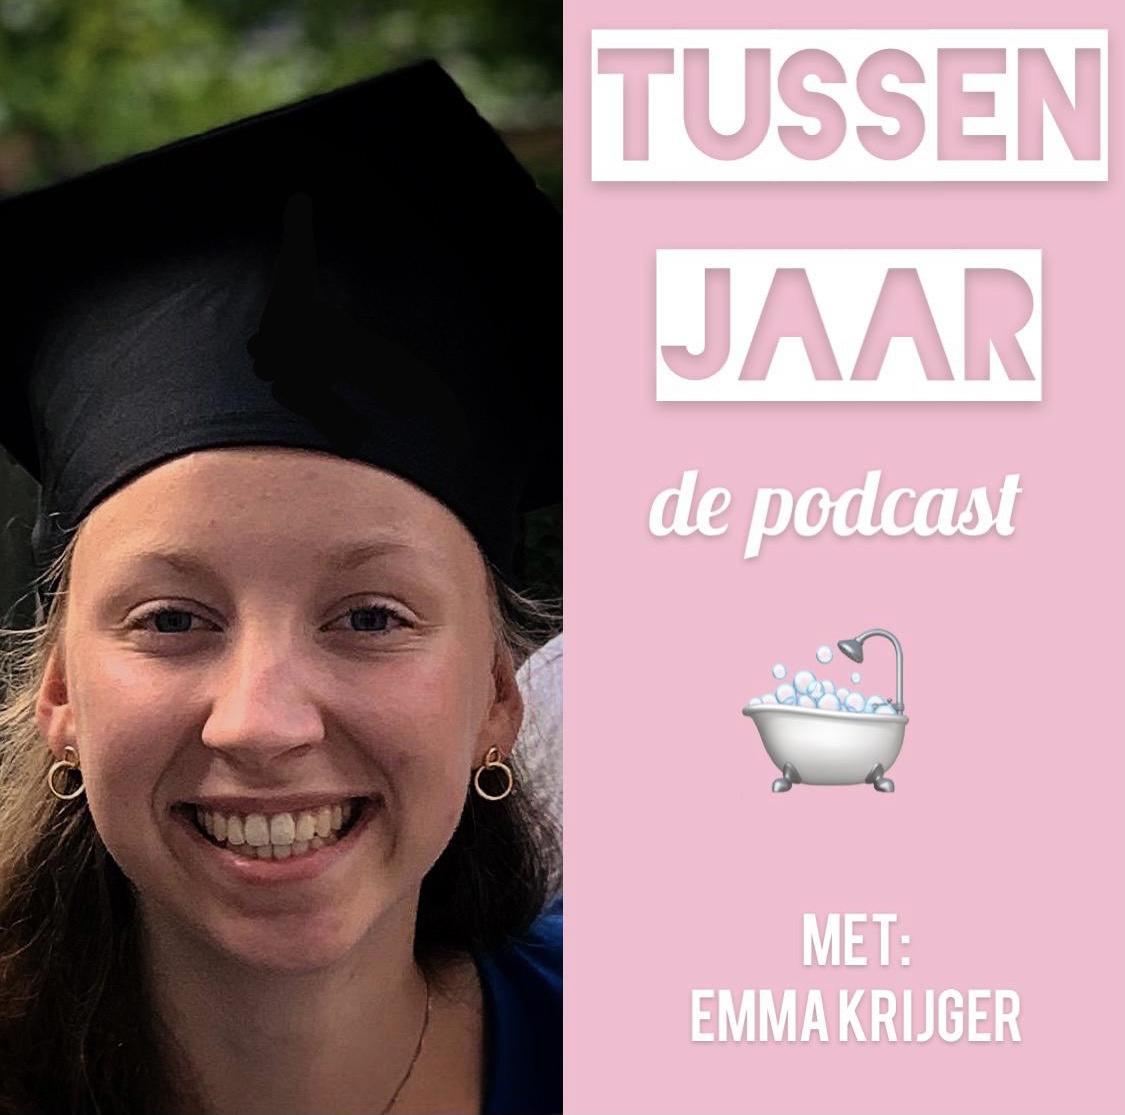 tussenjaar podcast 2021 Emma